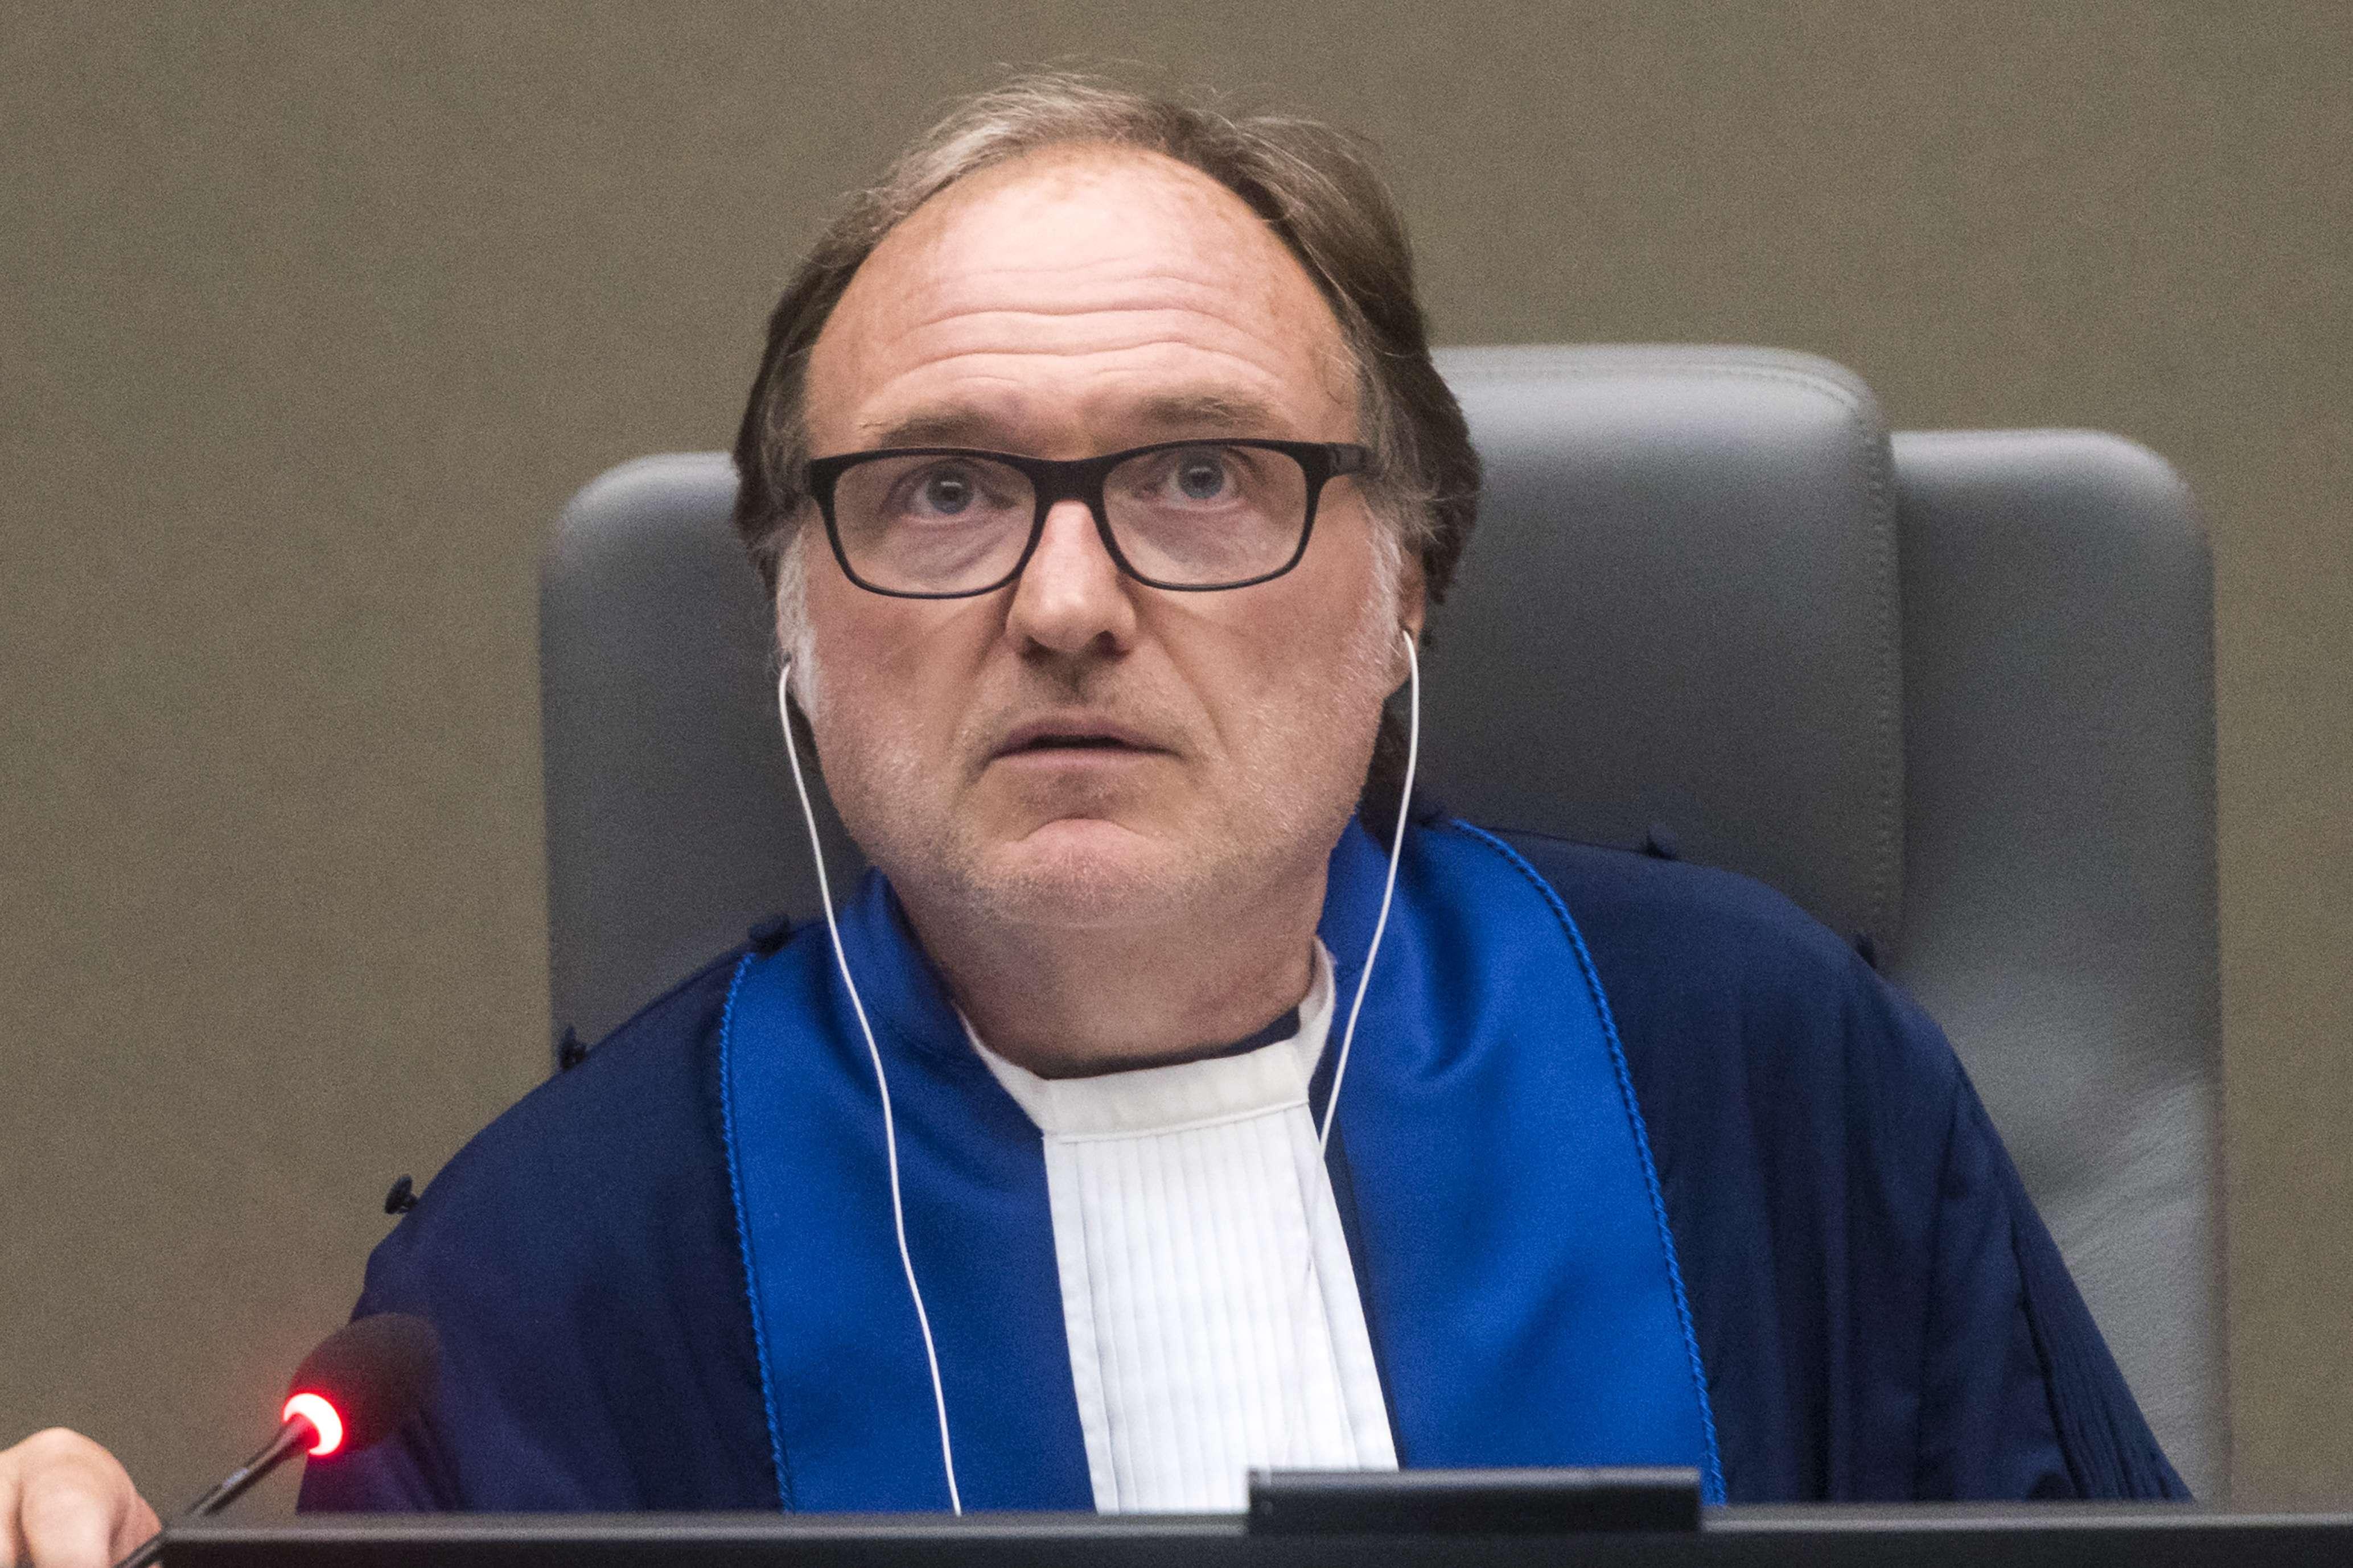 Le juge italien Cuno Tarfusser, lors d'une audience à la CPI le 6 novembre 2017.